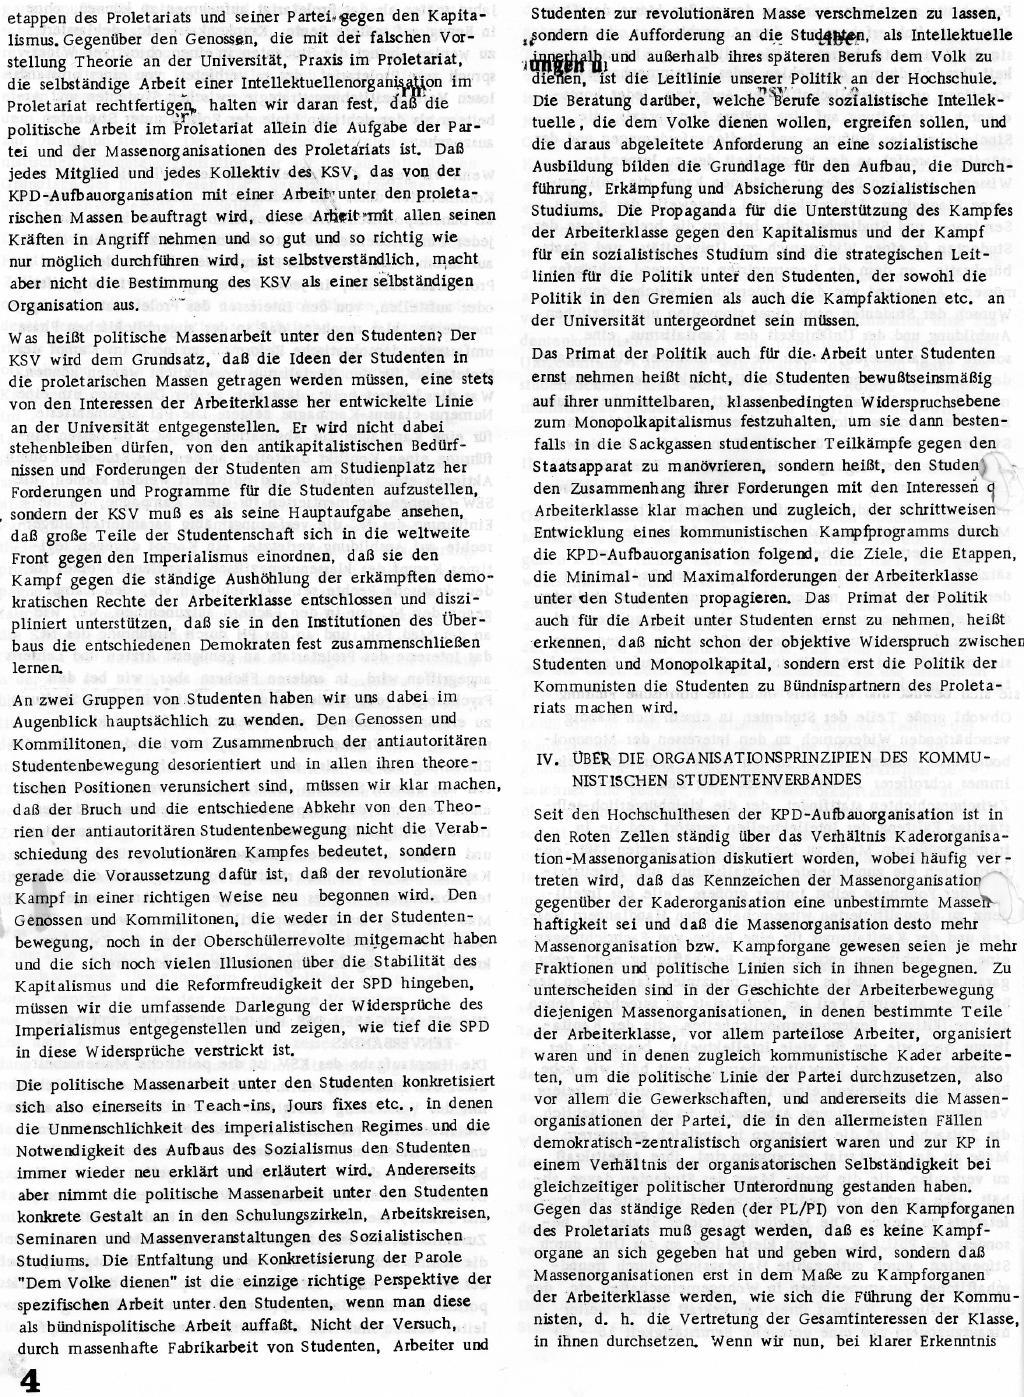 RPK_1970_088_04